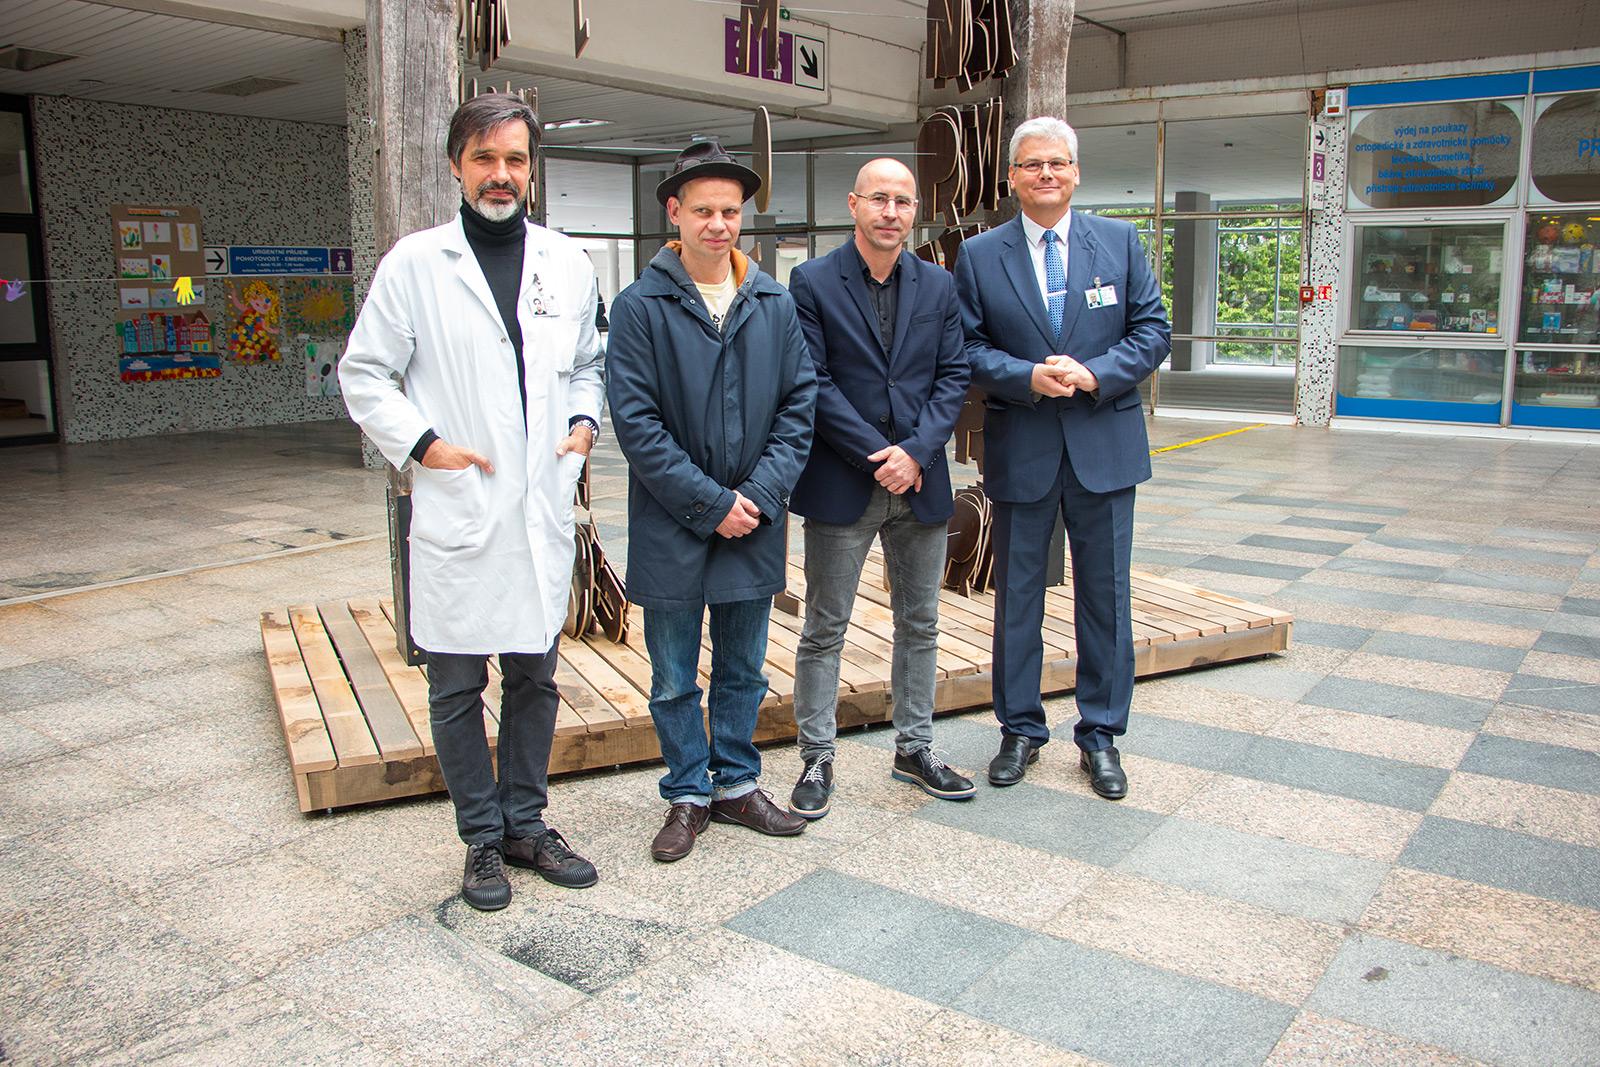 FOTO: David Černý